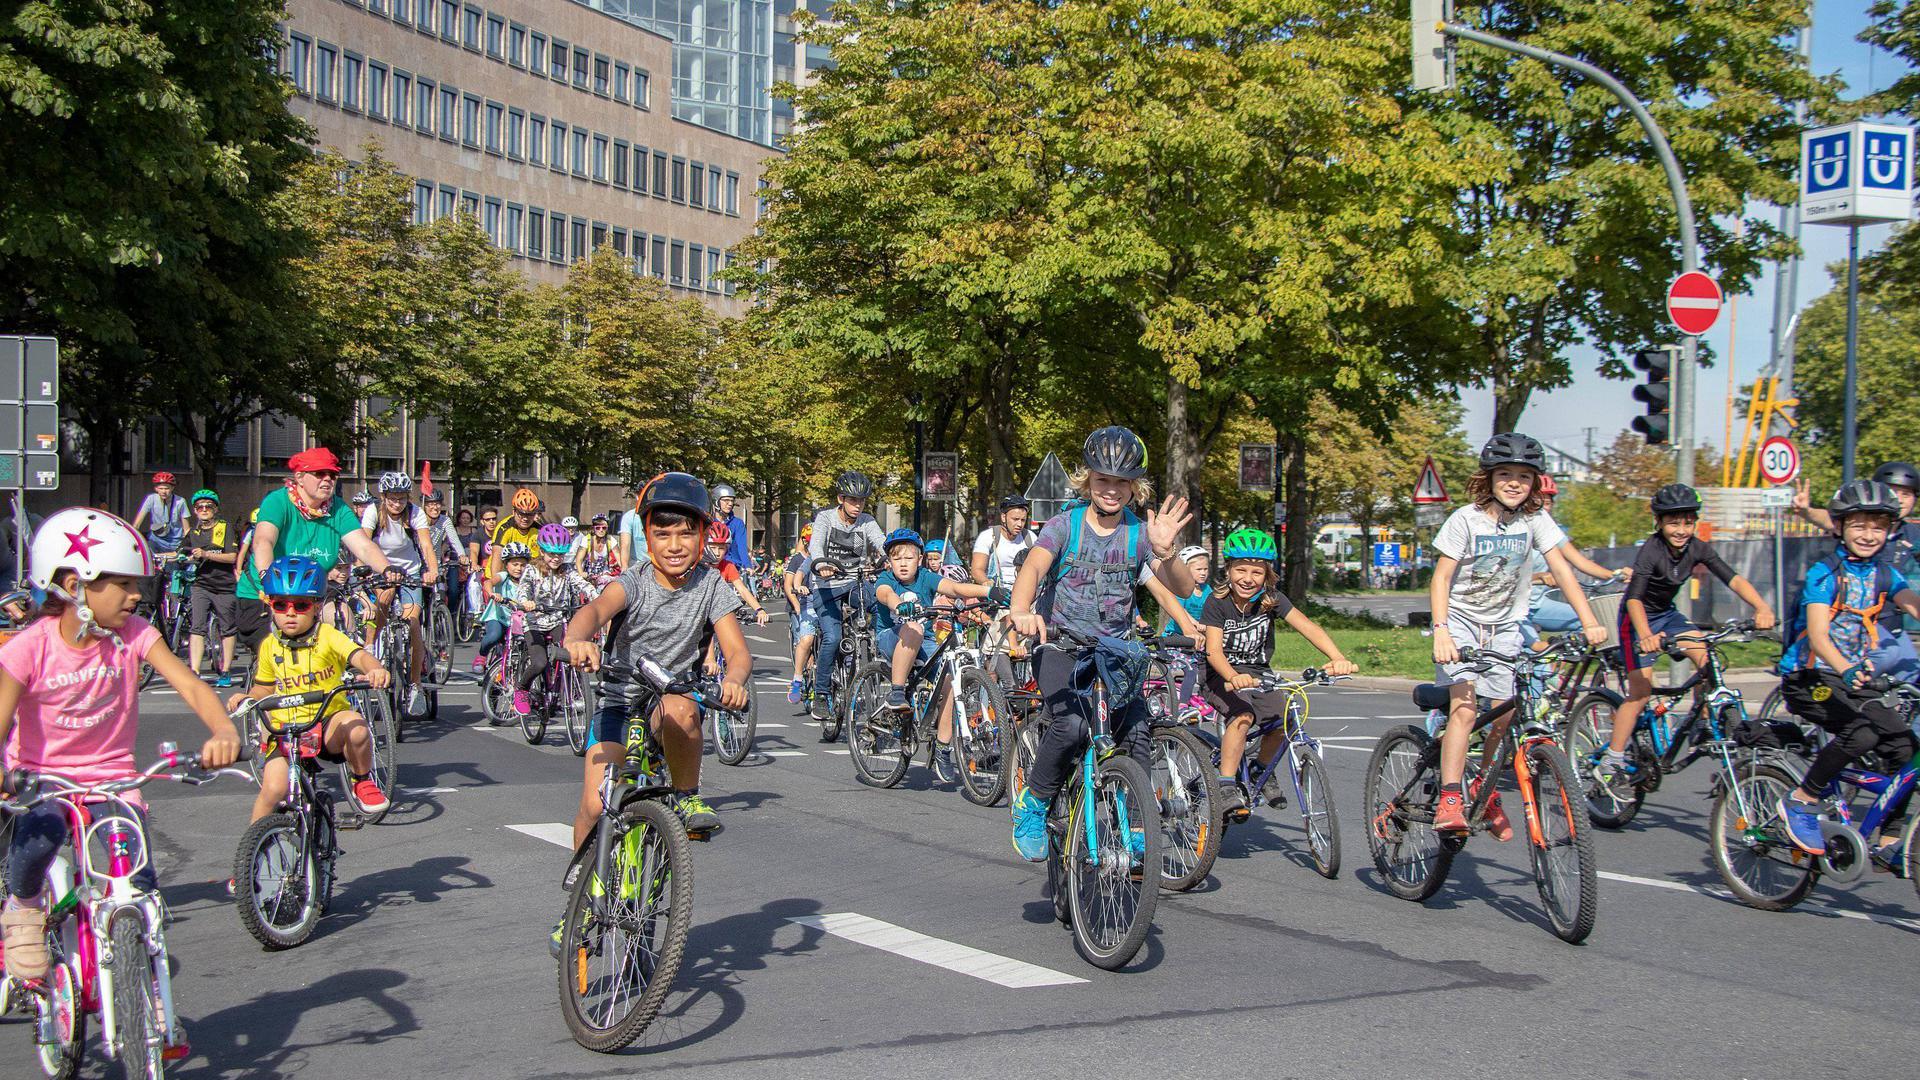 Mit Kind und Sack und Pack aufs Fahrrad: Familien erobern Stadtstraßen bei Kidical-Mass-Ausfahrten. Vorbild ist unter anderem Dortmund. Die Doppelpremiere für Karlsruhe und Ettlingen haben Aktive des ADFC fix und fertig vorbereitet.